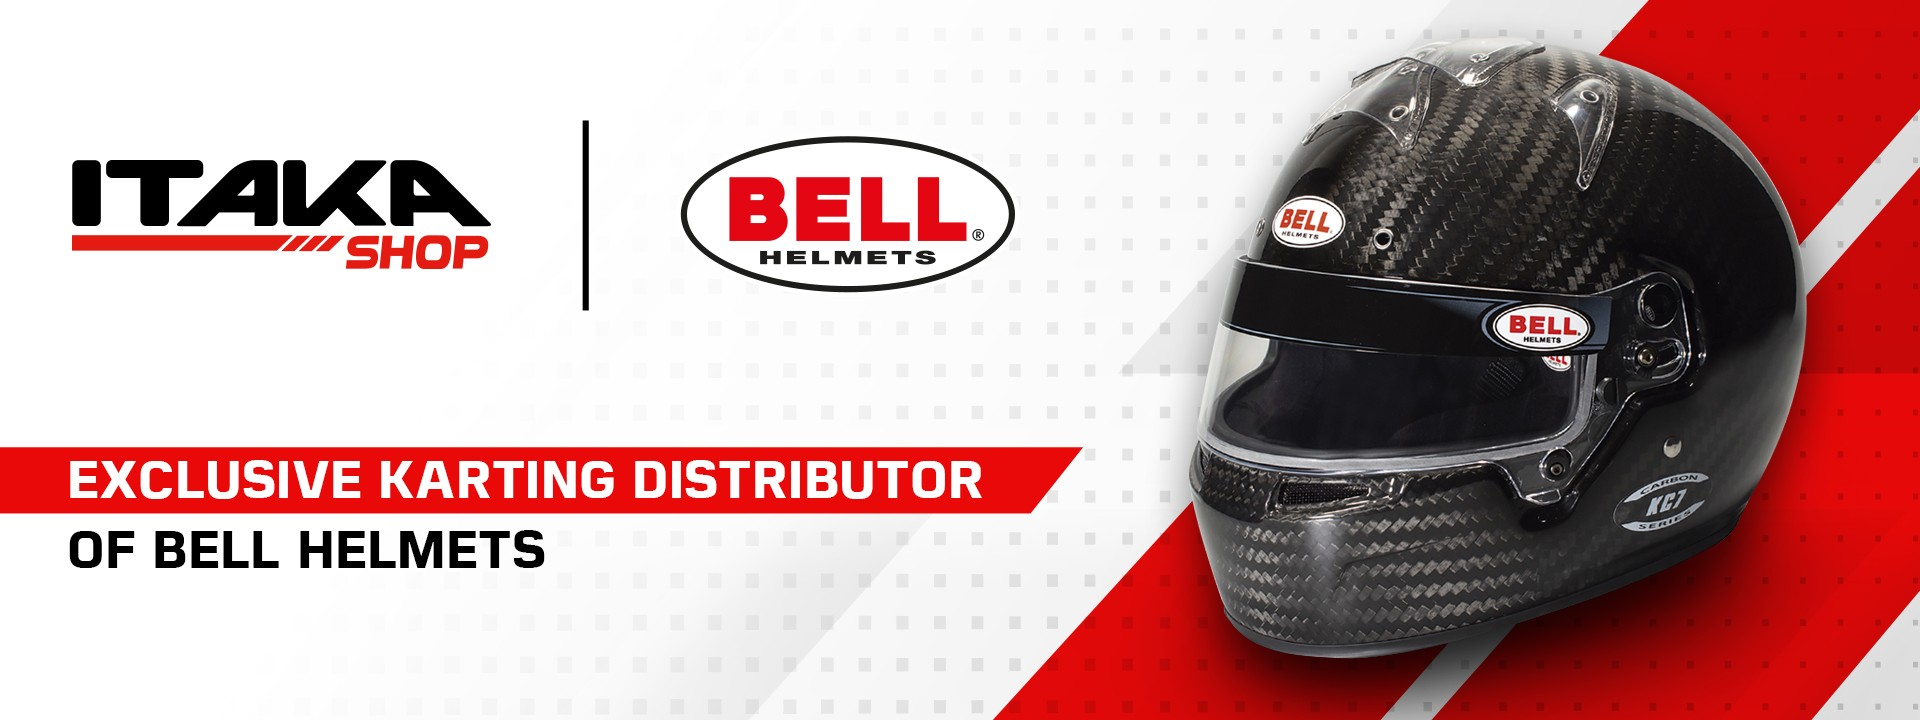 Exclusive Karting Distributors Bell helmets